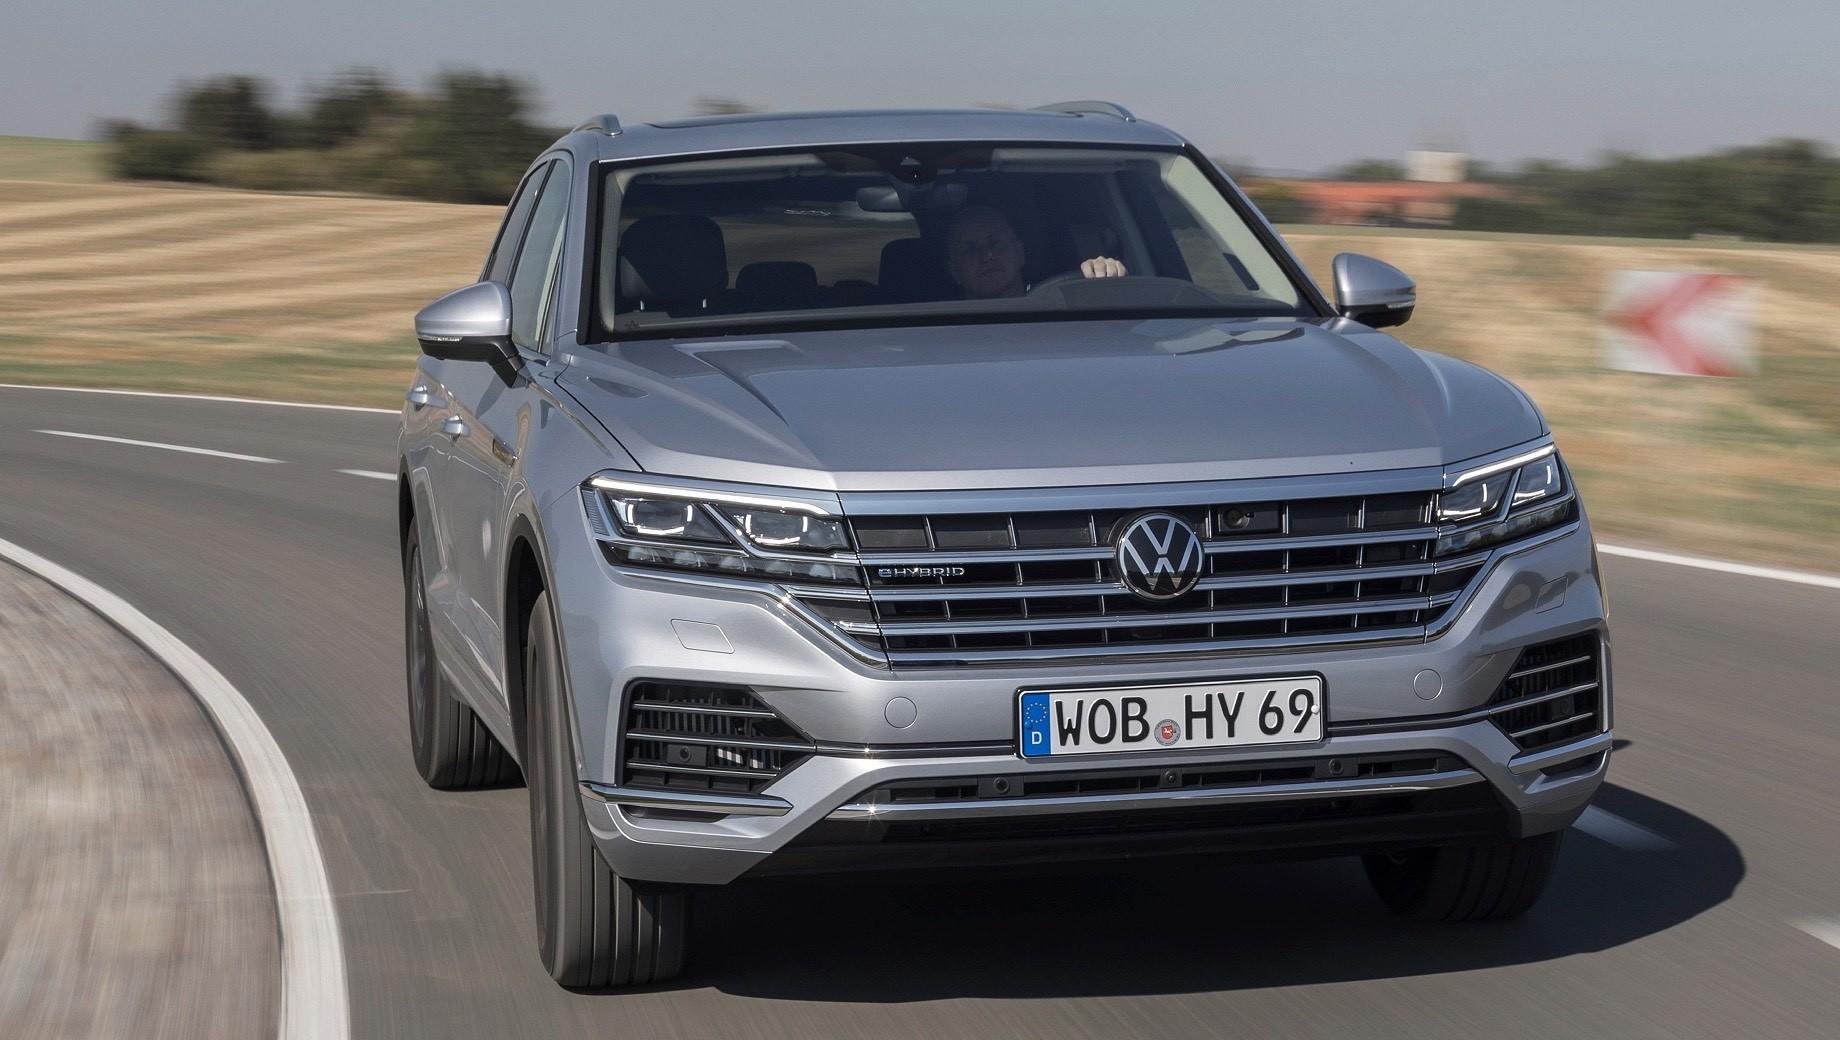 Volkswagen Touareg выпустил две новых гибридных модификации